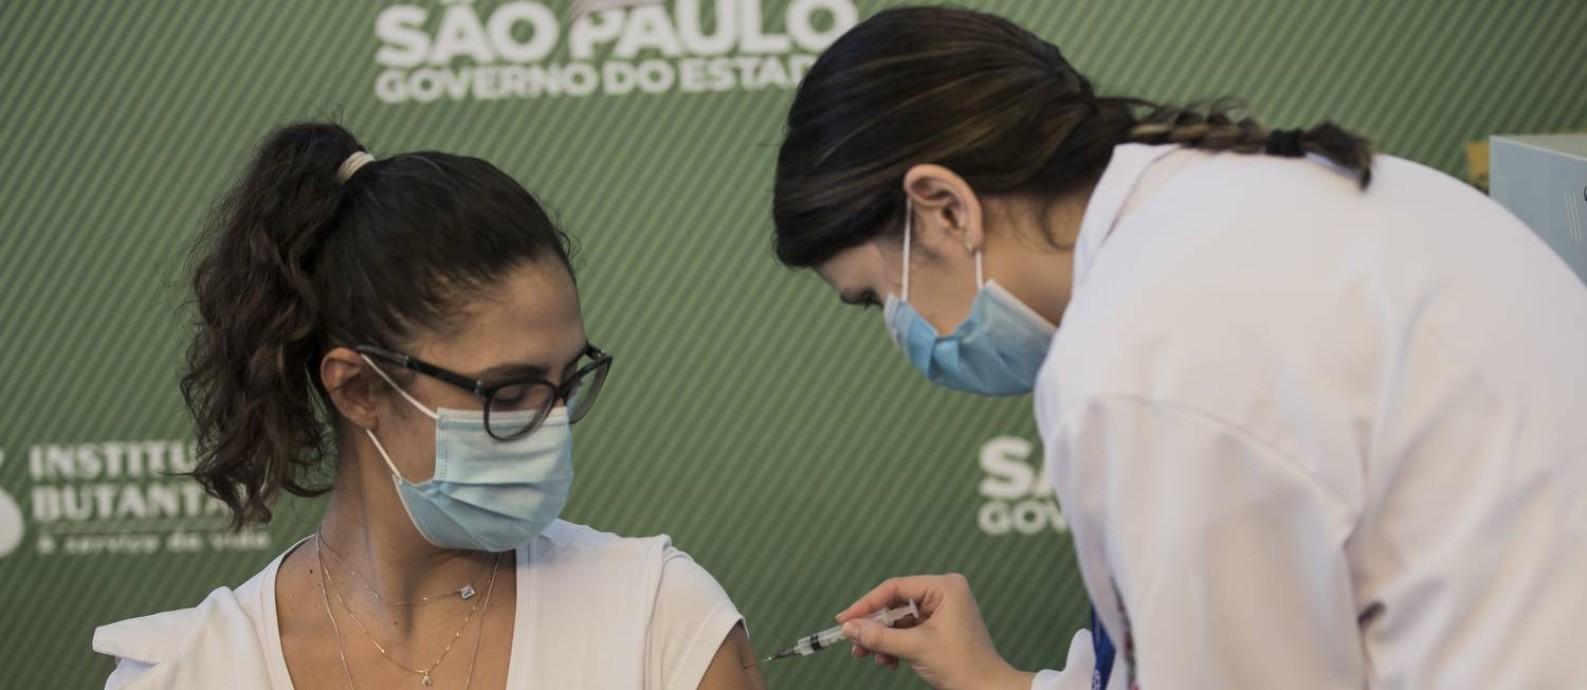 Enfermeira aplica a primeira dose vacina contra a Covid-19 desenvolvida pelo Instituto Butantan, em parceria com a farmacêutica chinesa Sinovac em profissional de saúde no Hospital Emilia Ribas Foto: Edilson Dantas / Agência O Globo